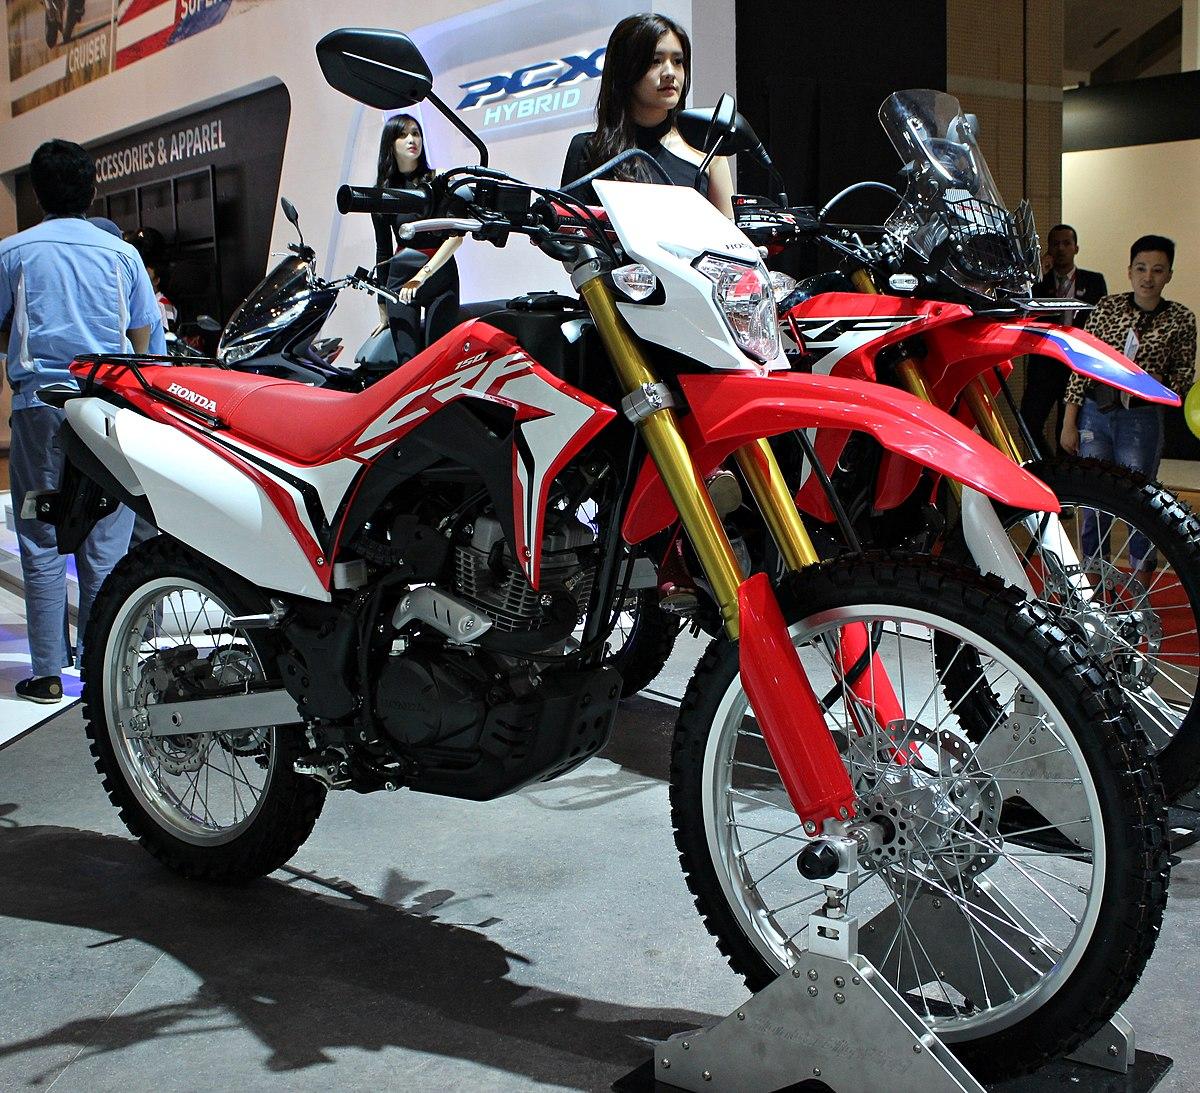 Honda 1200 Crosstourer Honda Crosstourer 2014 Motonews